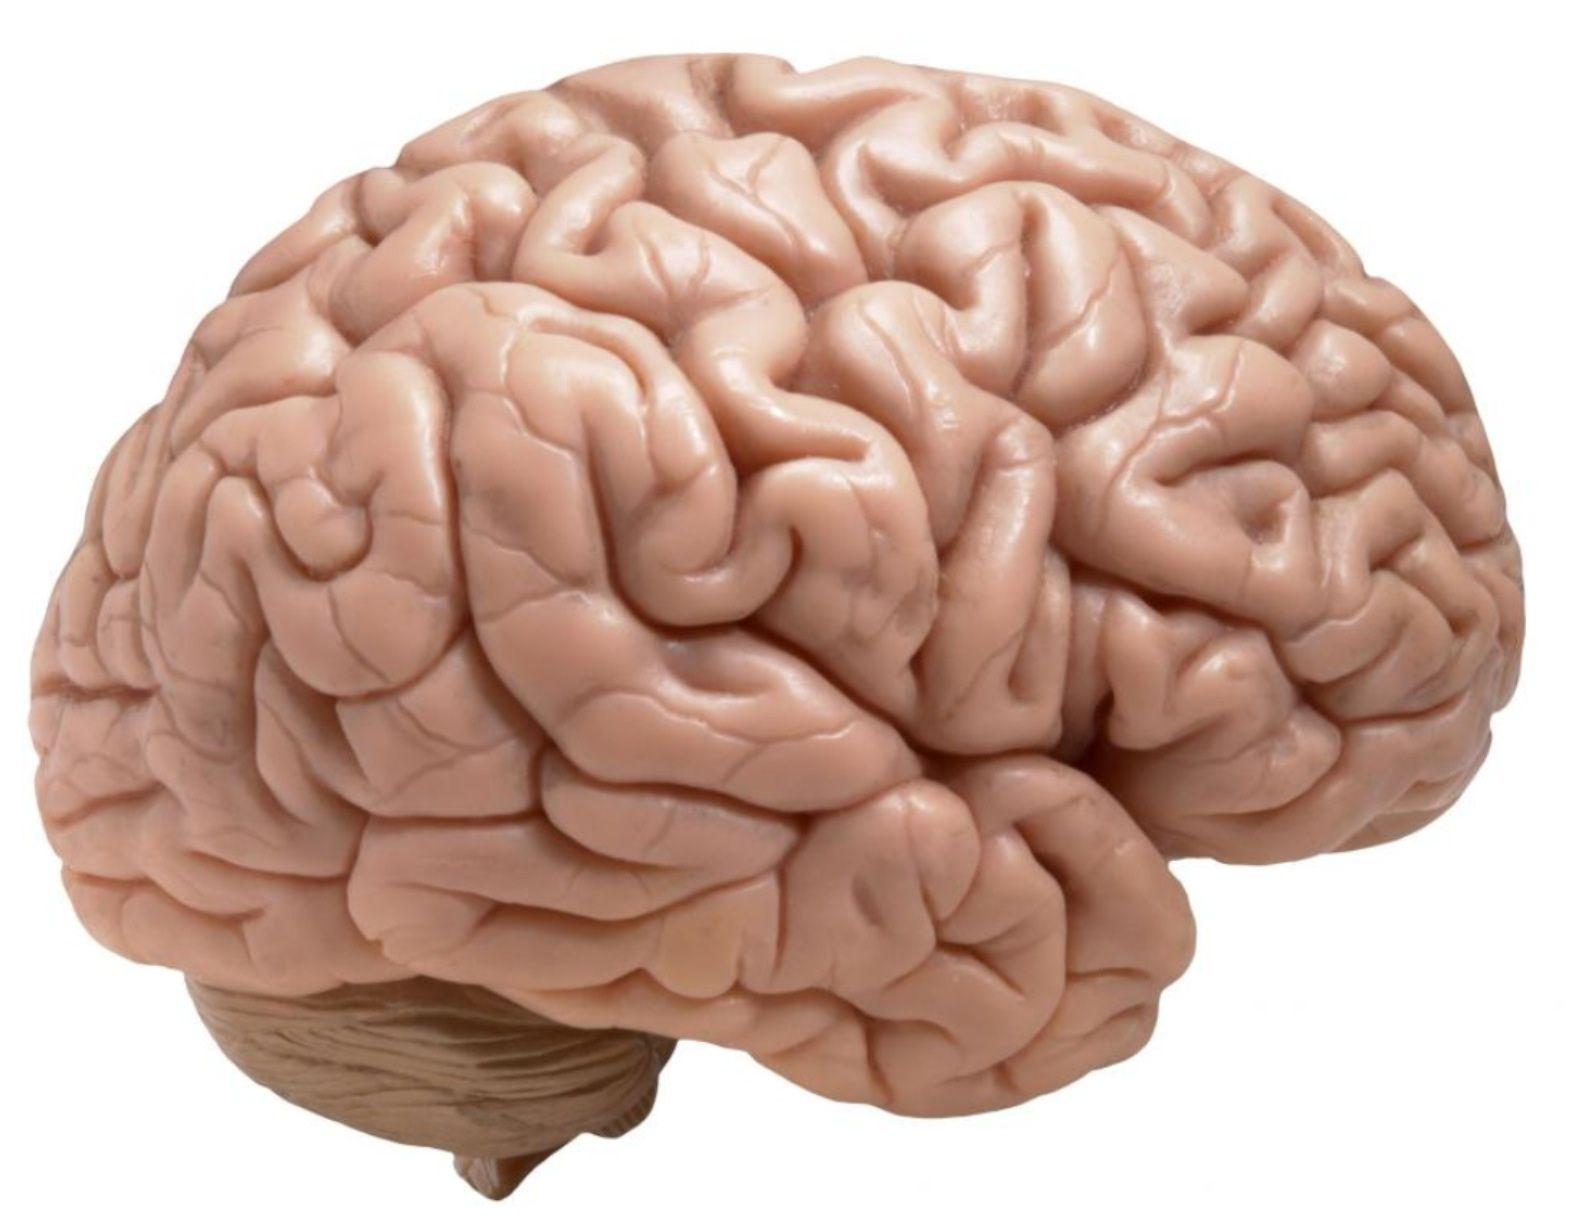 Chiquidatos sobre el cerebro   Ictus   Pinterest   El cerebro ...